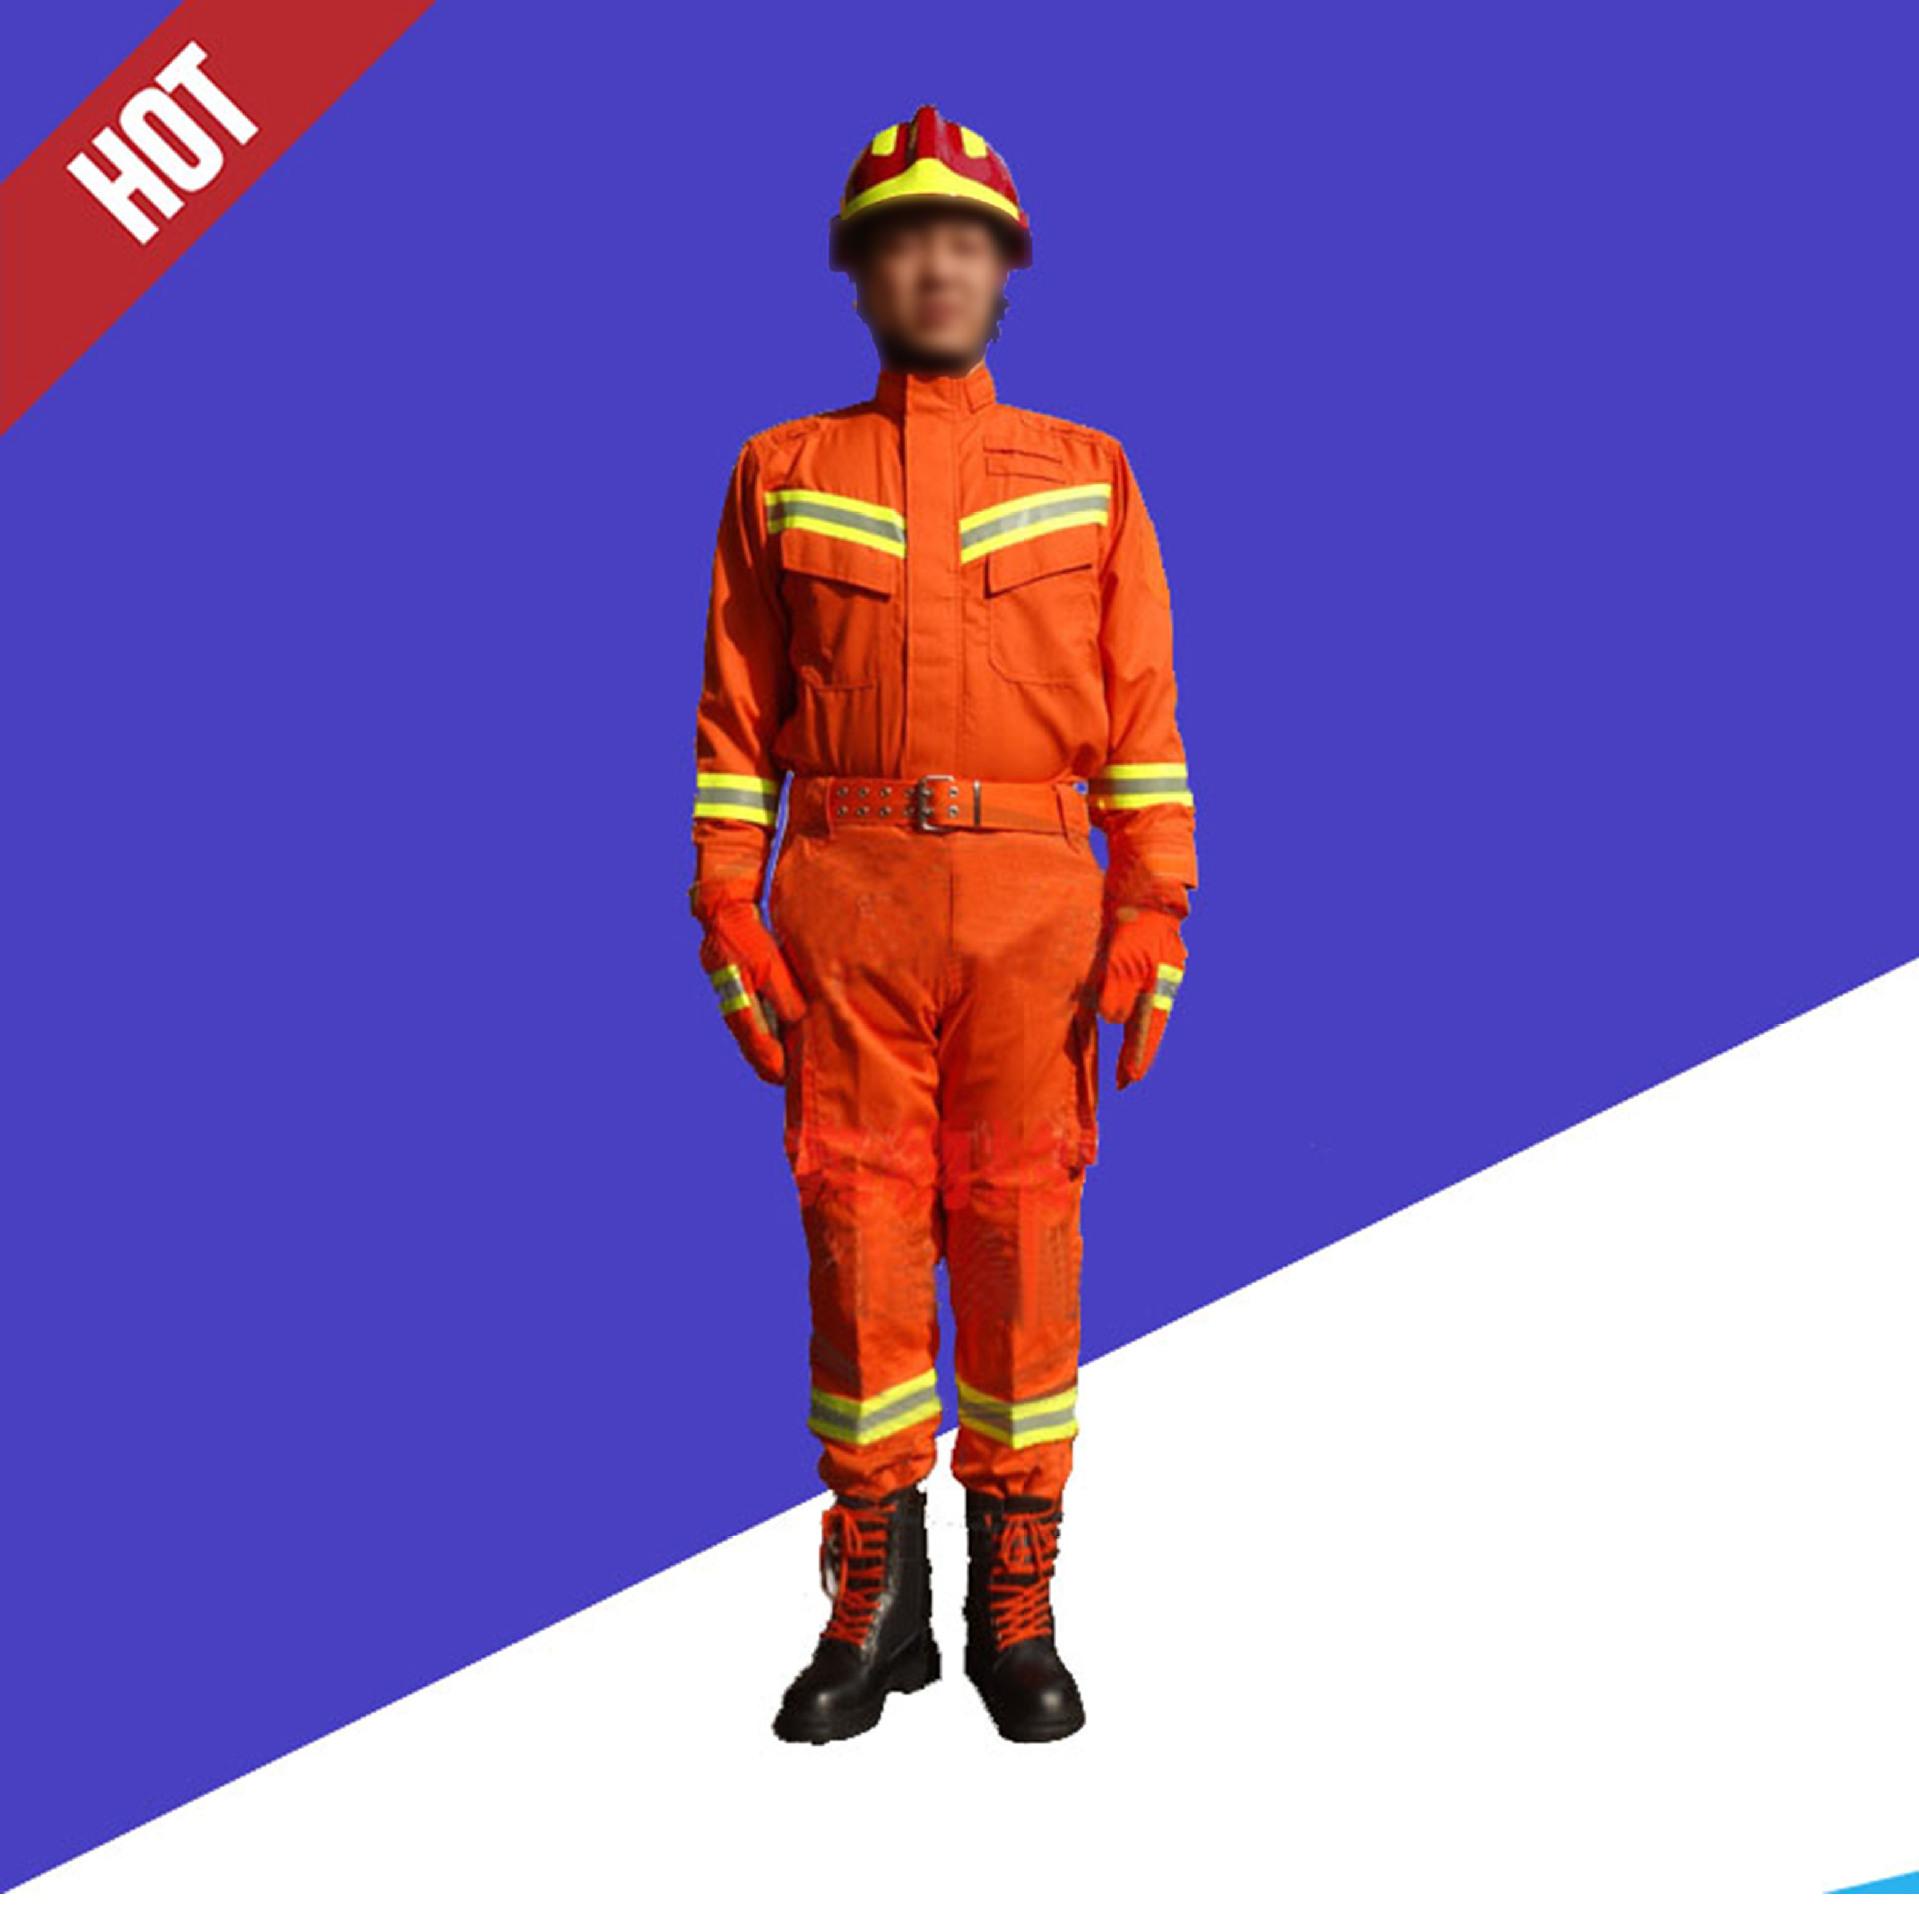 Trang phục chống cháy 97 bộ quần áo chữa cháy chống cháy cách nhiệt phù hợp với lính cứu hỏa chữa ch